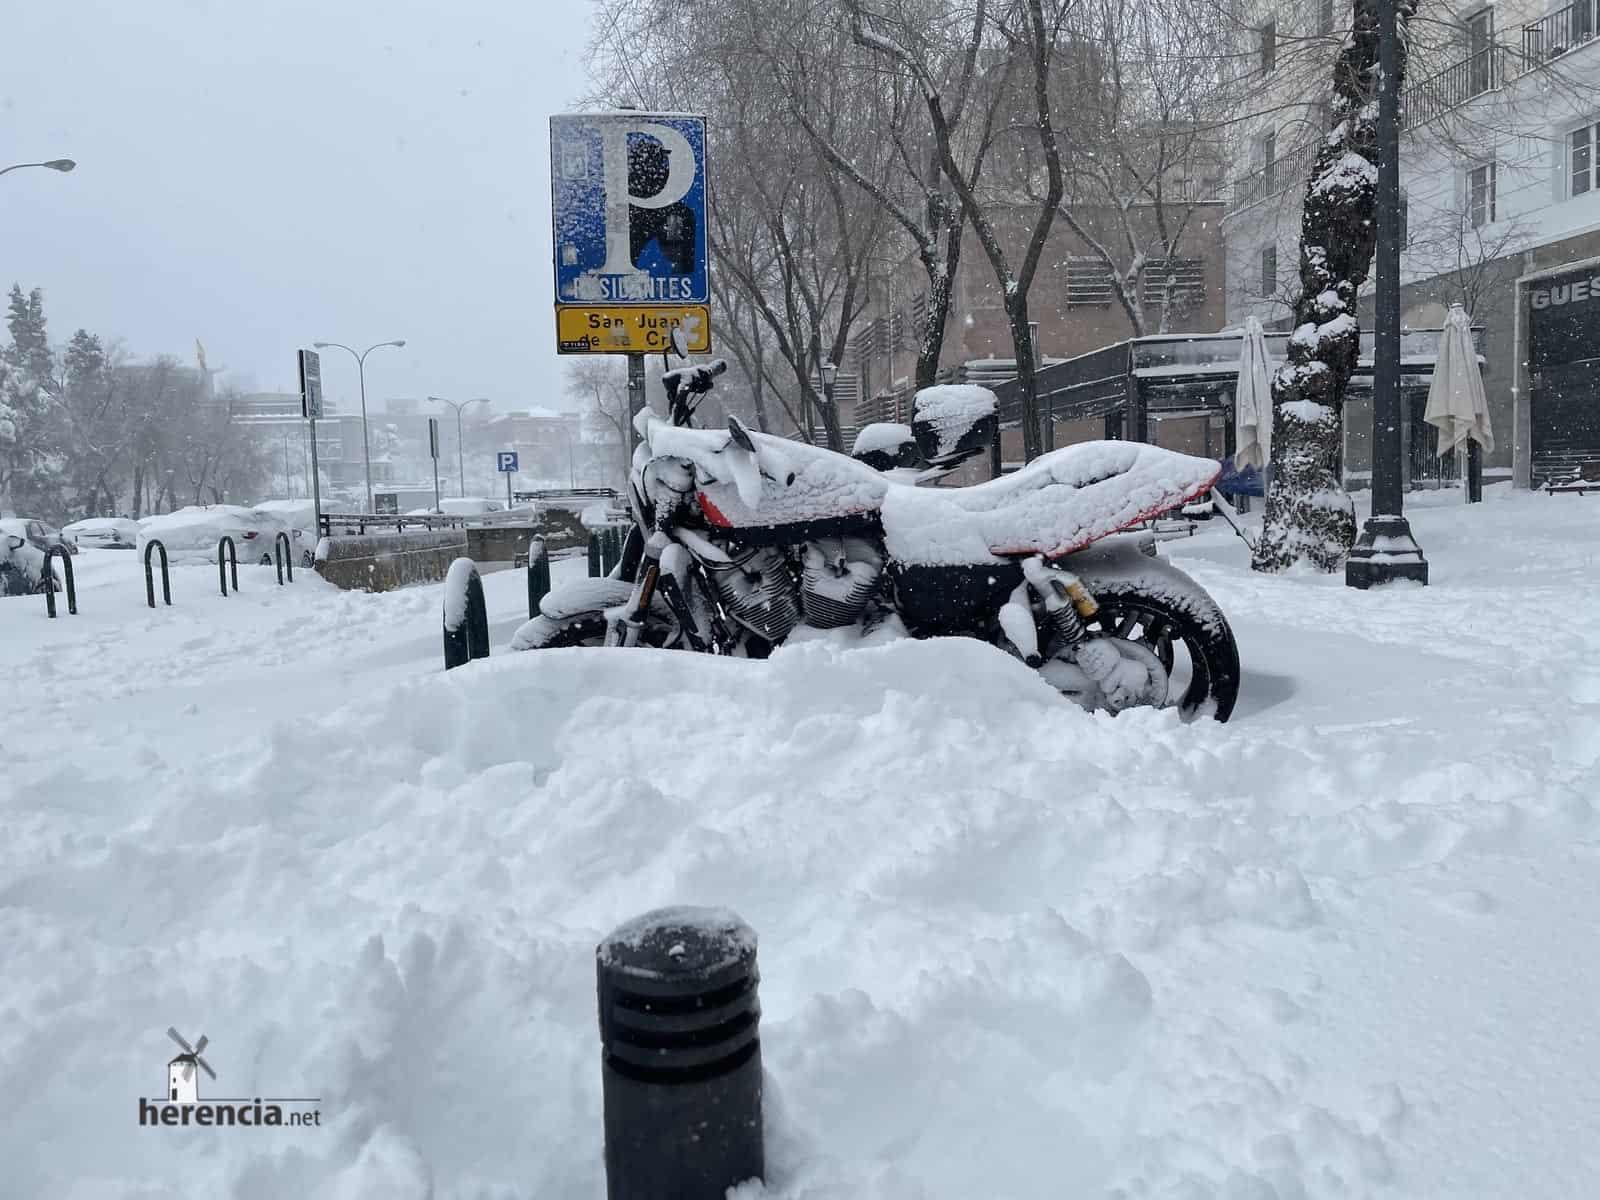 Fotografías de la nevada de enero en Madrid (España) 204